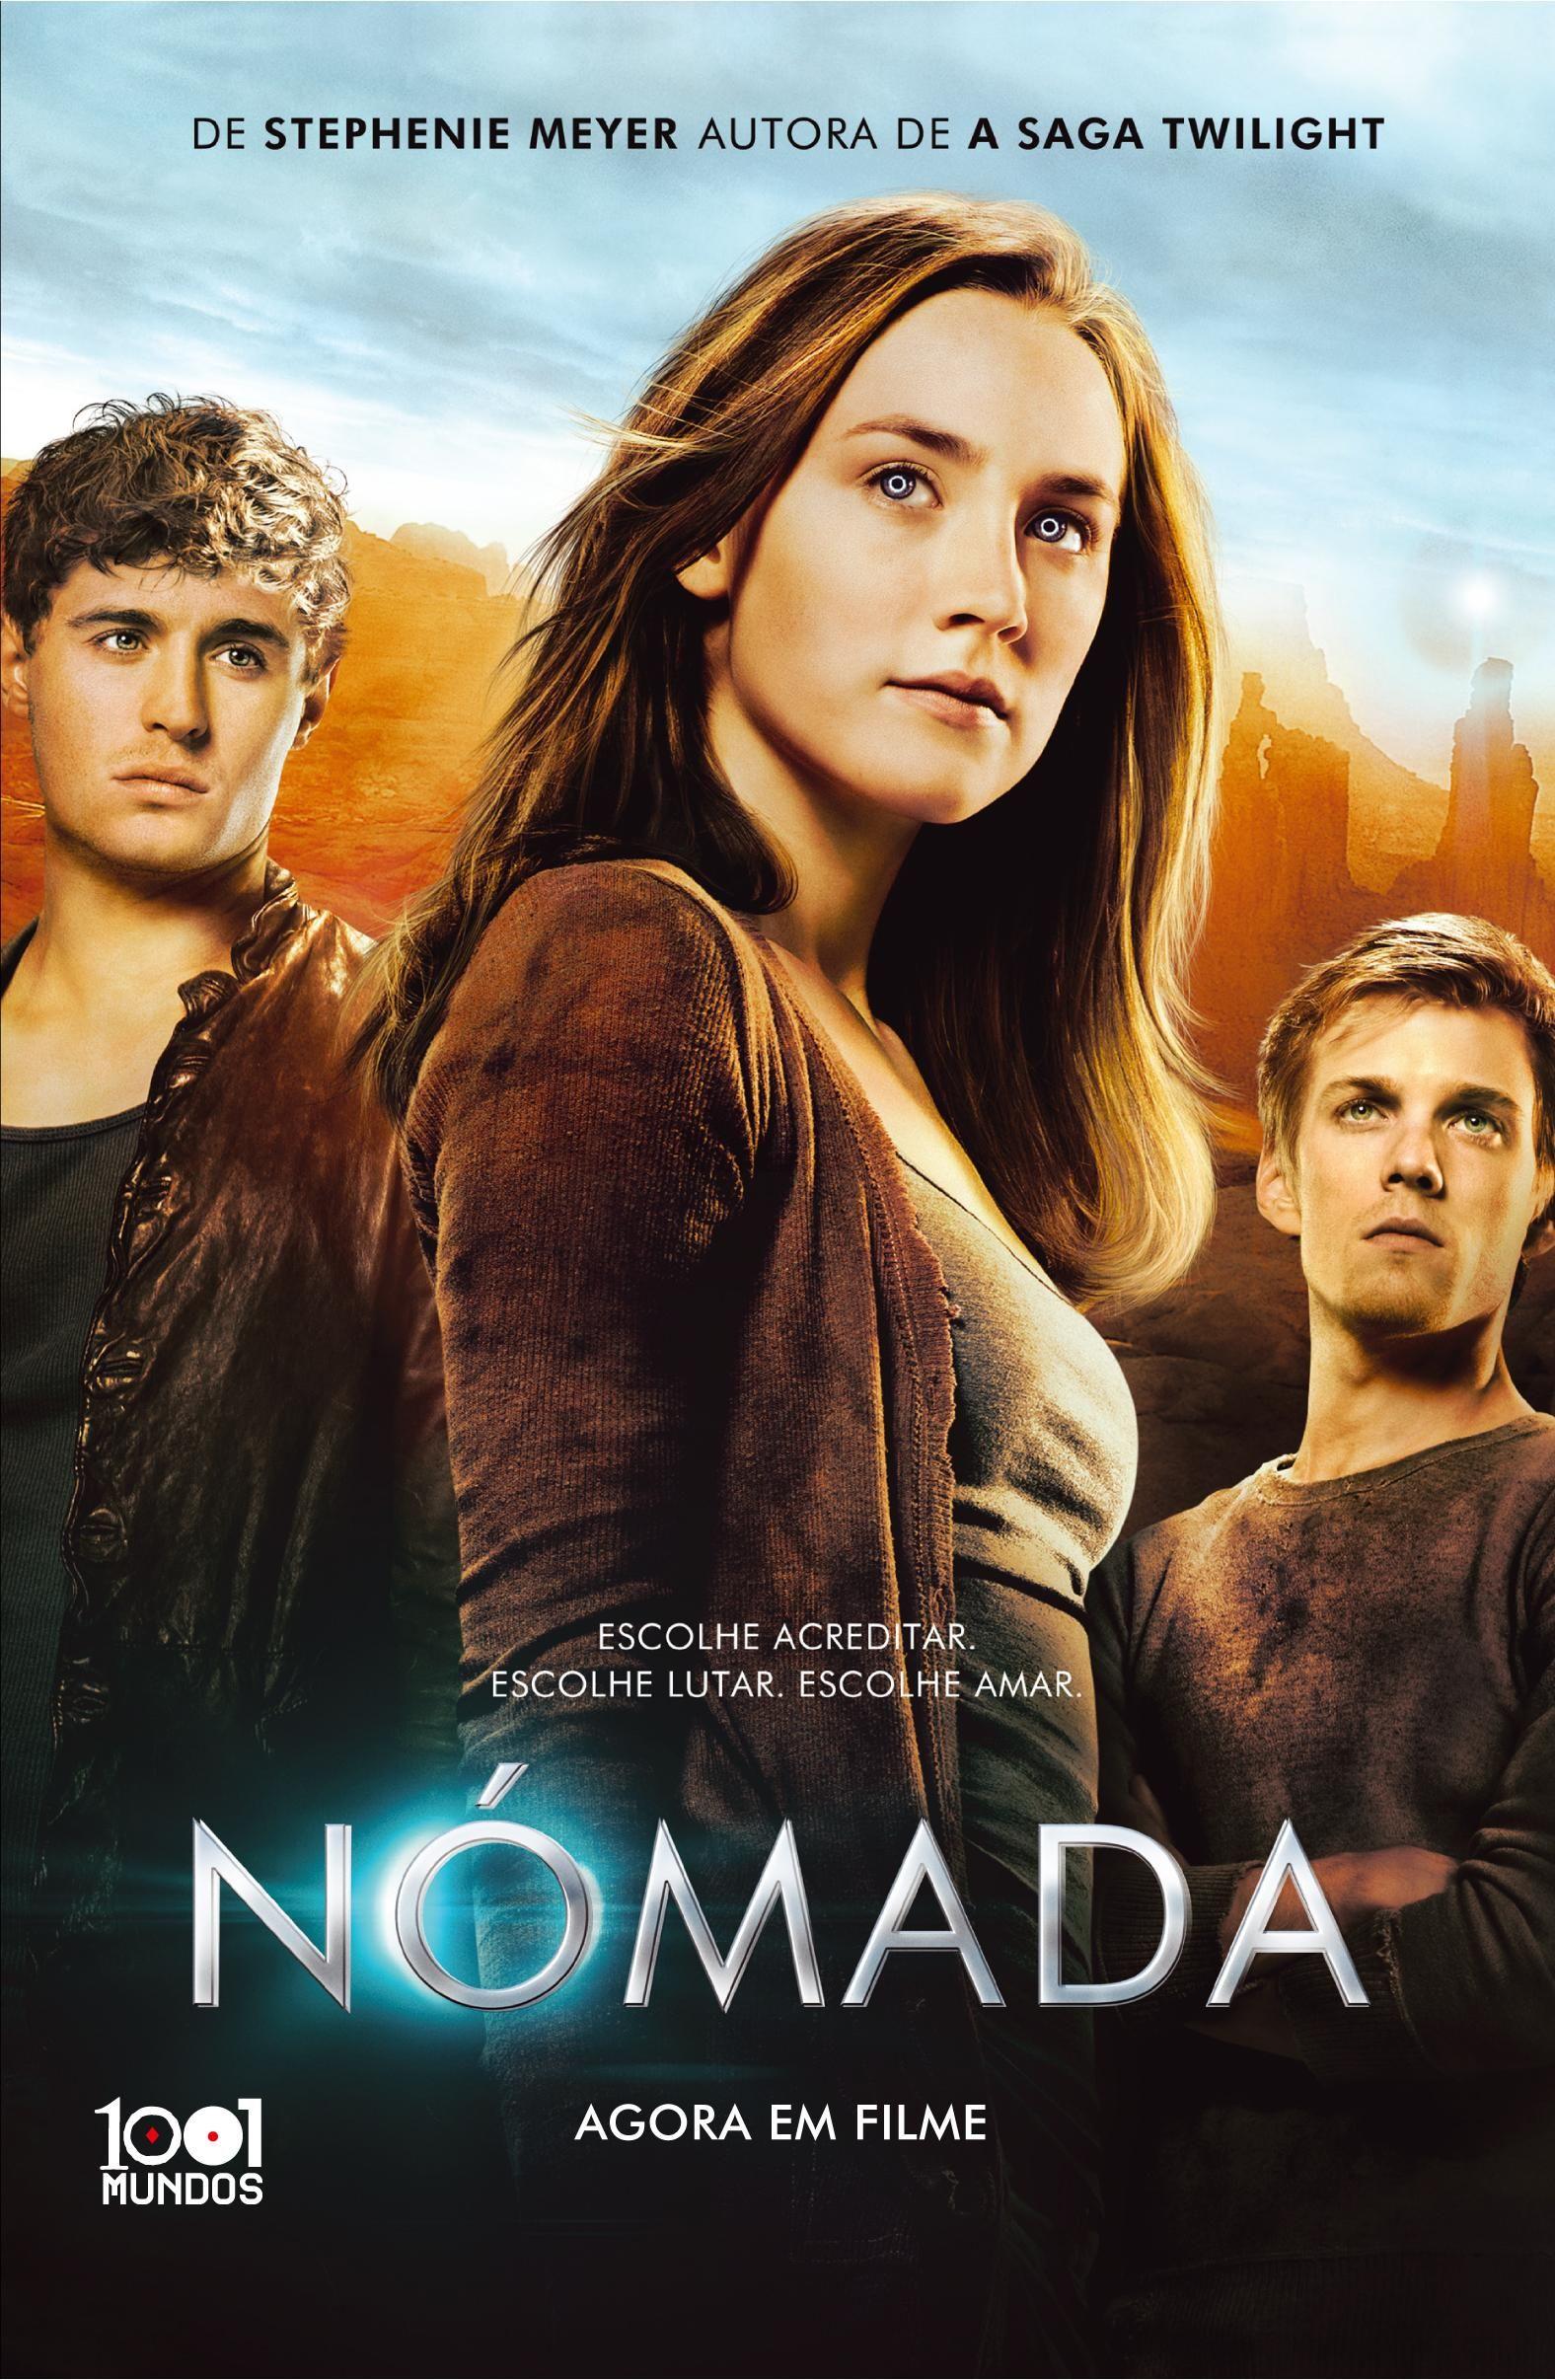 Nómada -  Stephenie Meyer